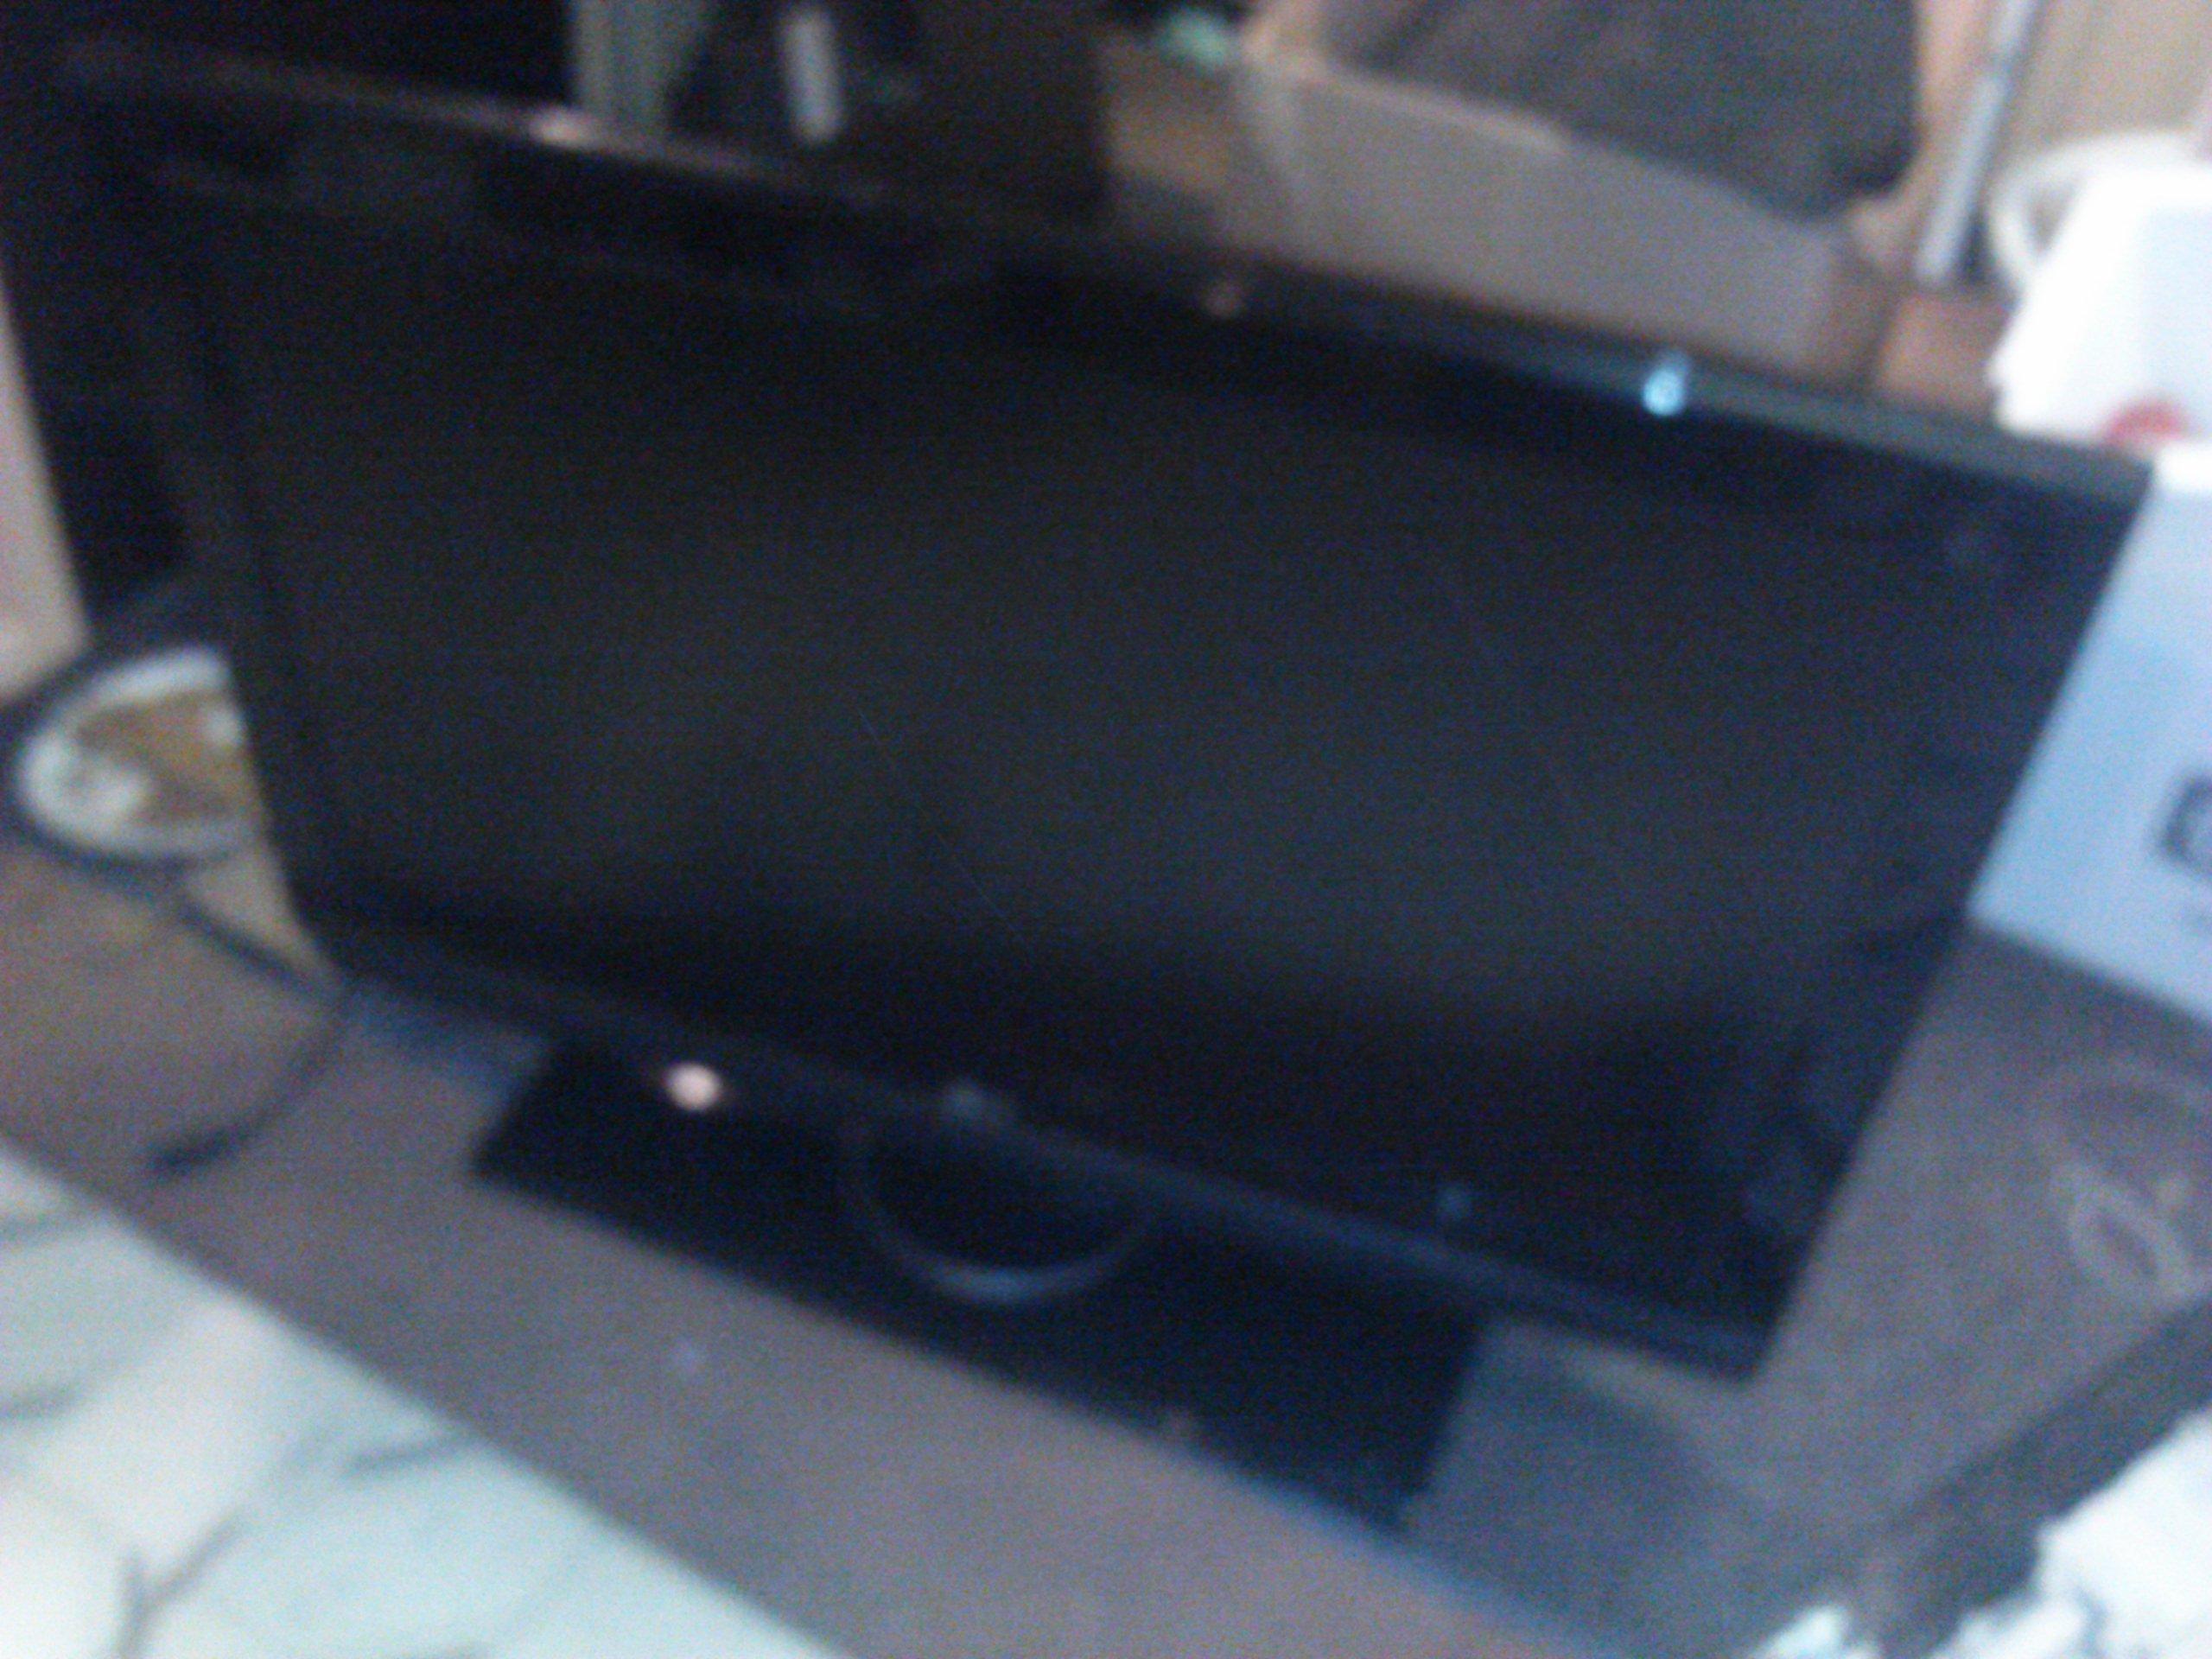 LG 37'' LCD TV board swap